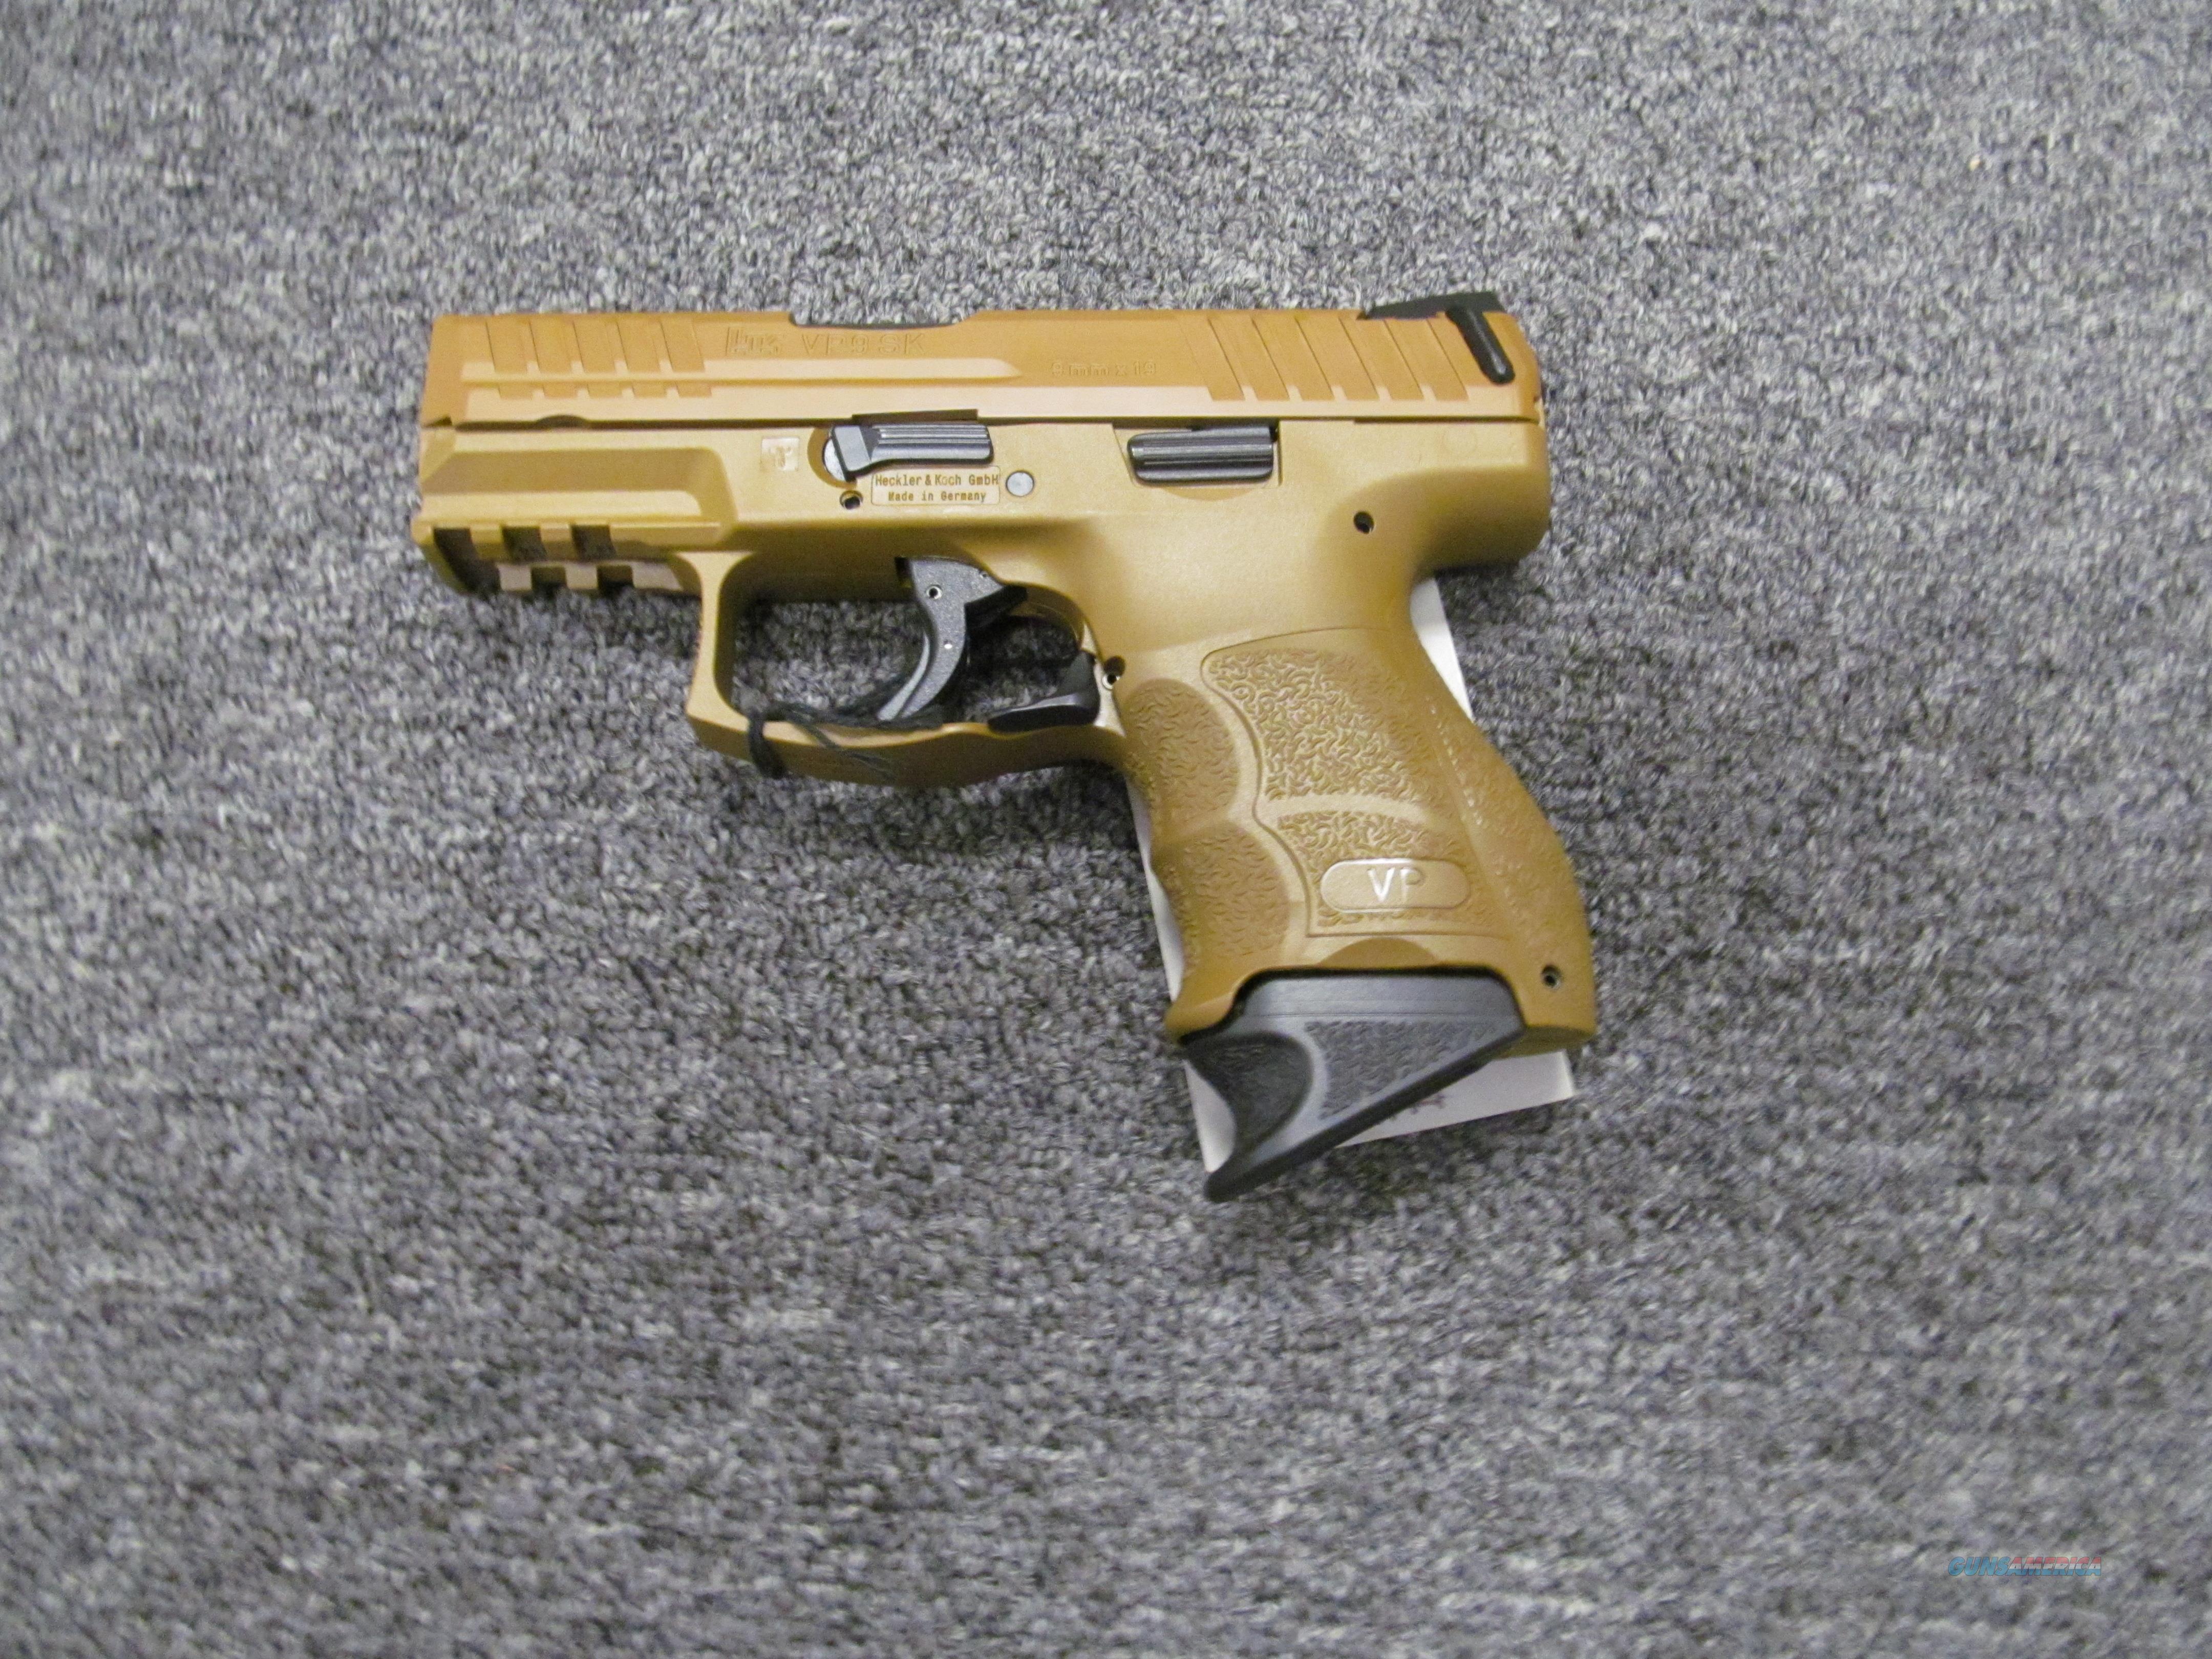 Heckle & Koch VP9 SK  Guns > Pistols > Heckler & Koch Pistols > Polymer Frame